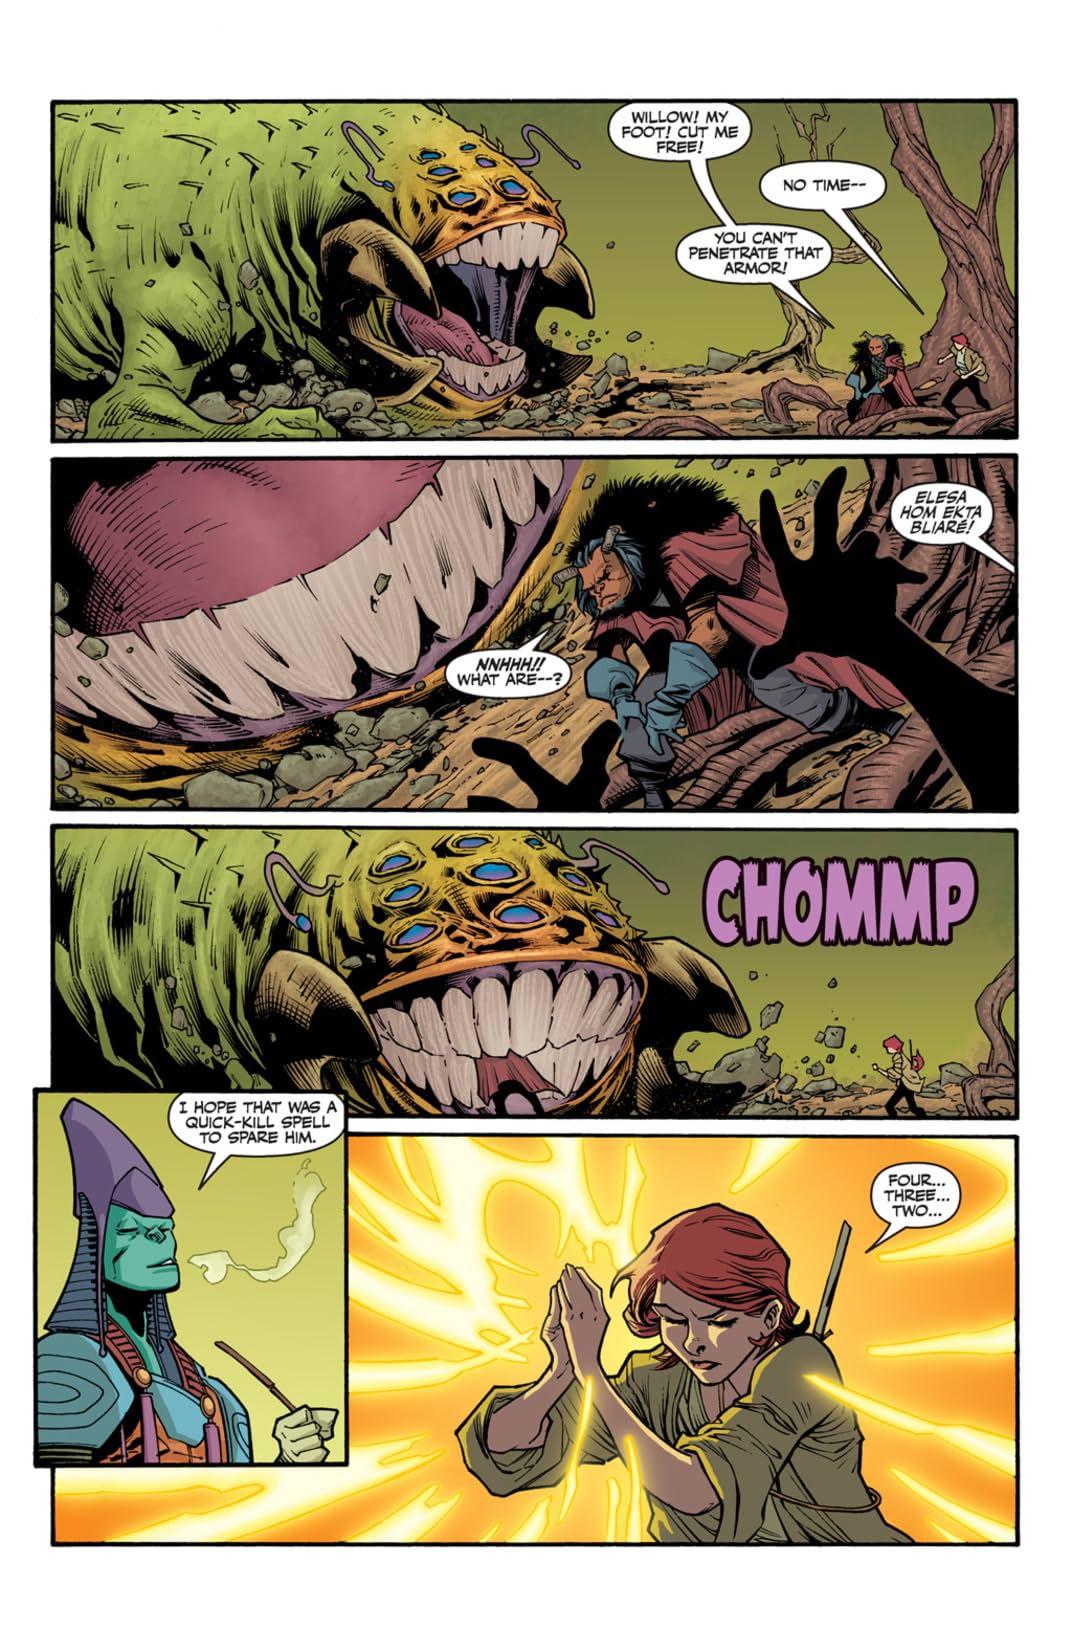 Buffy the Vampire Slayer: Willow's Wonderland #2